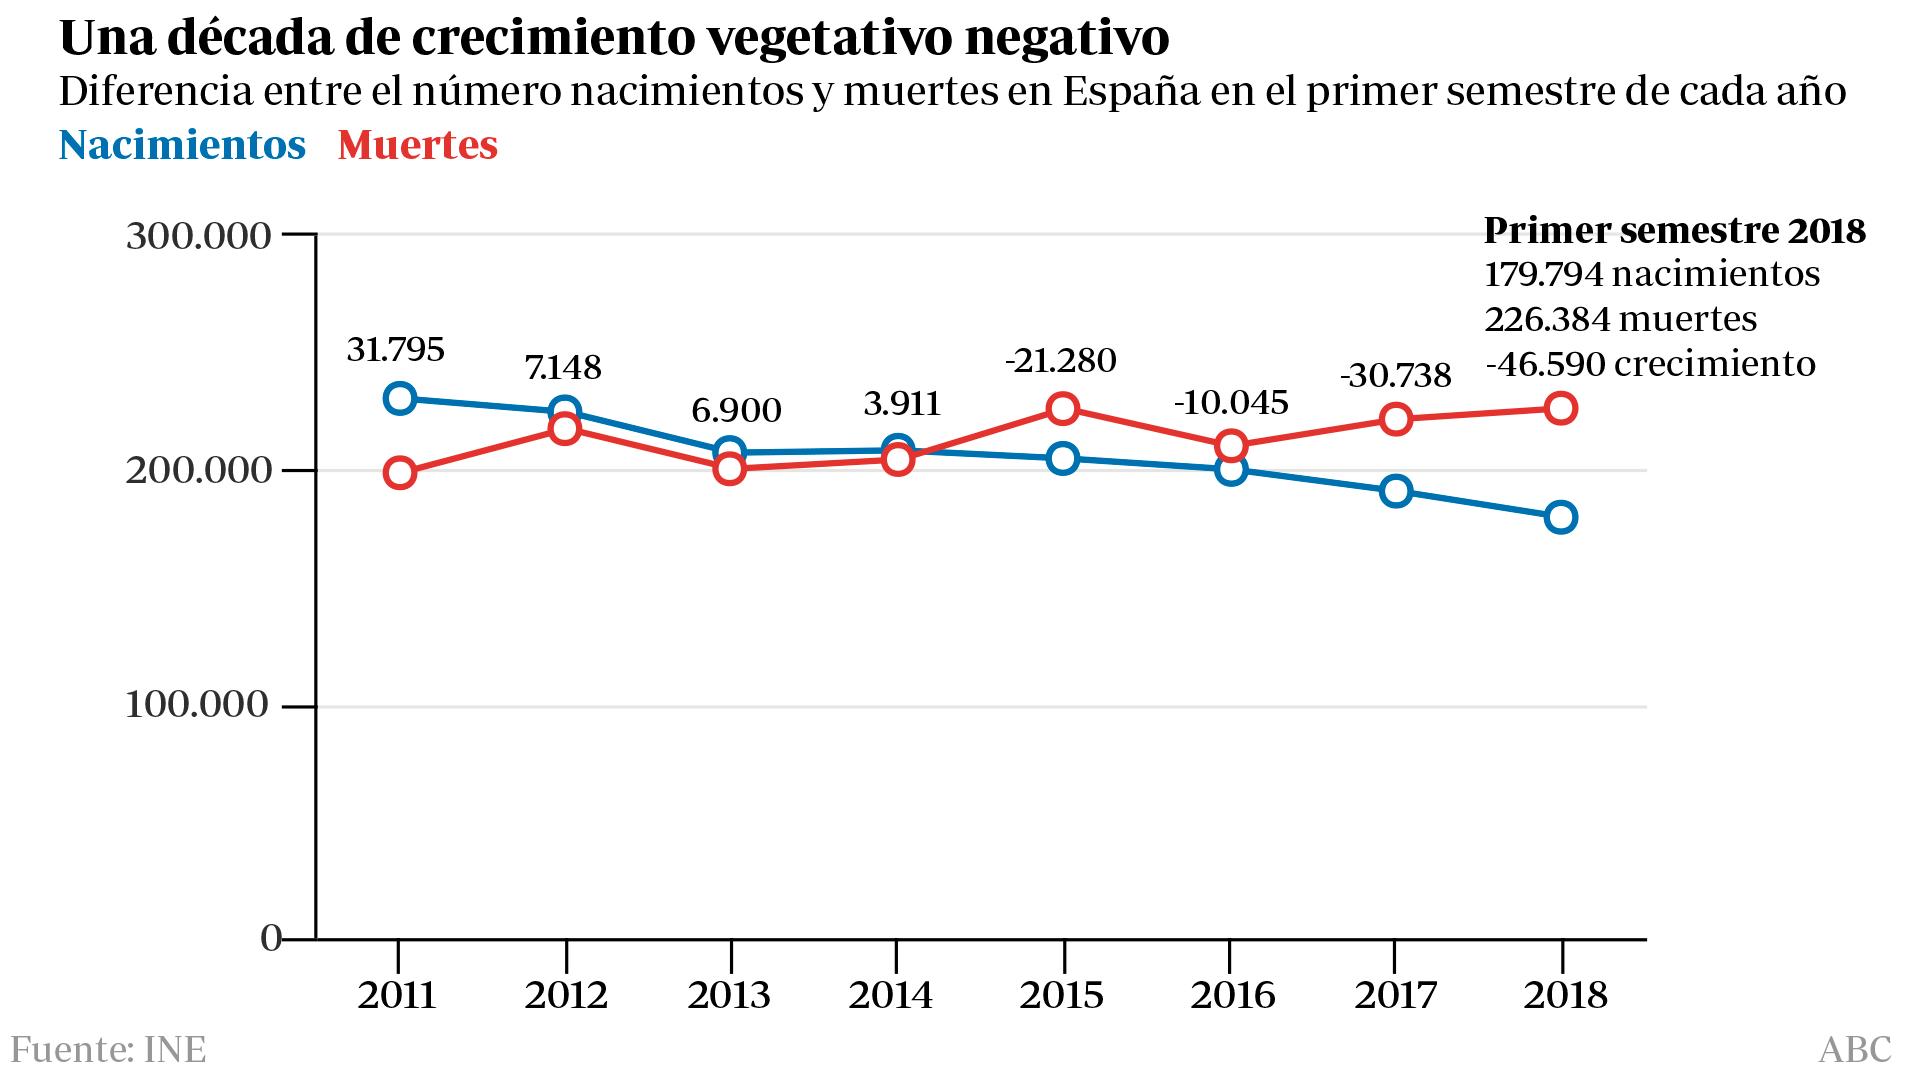 Diferencia entre el número de nacimientos y muertes en España